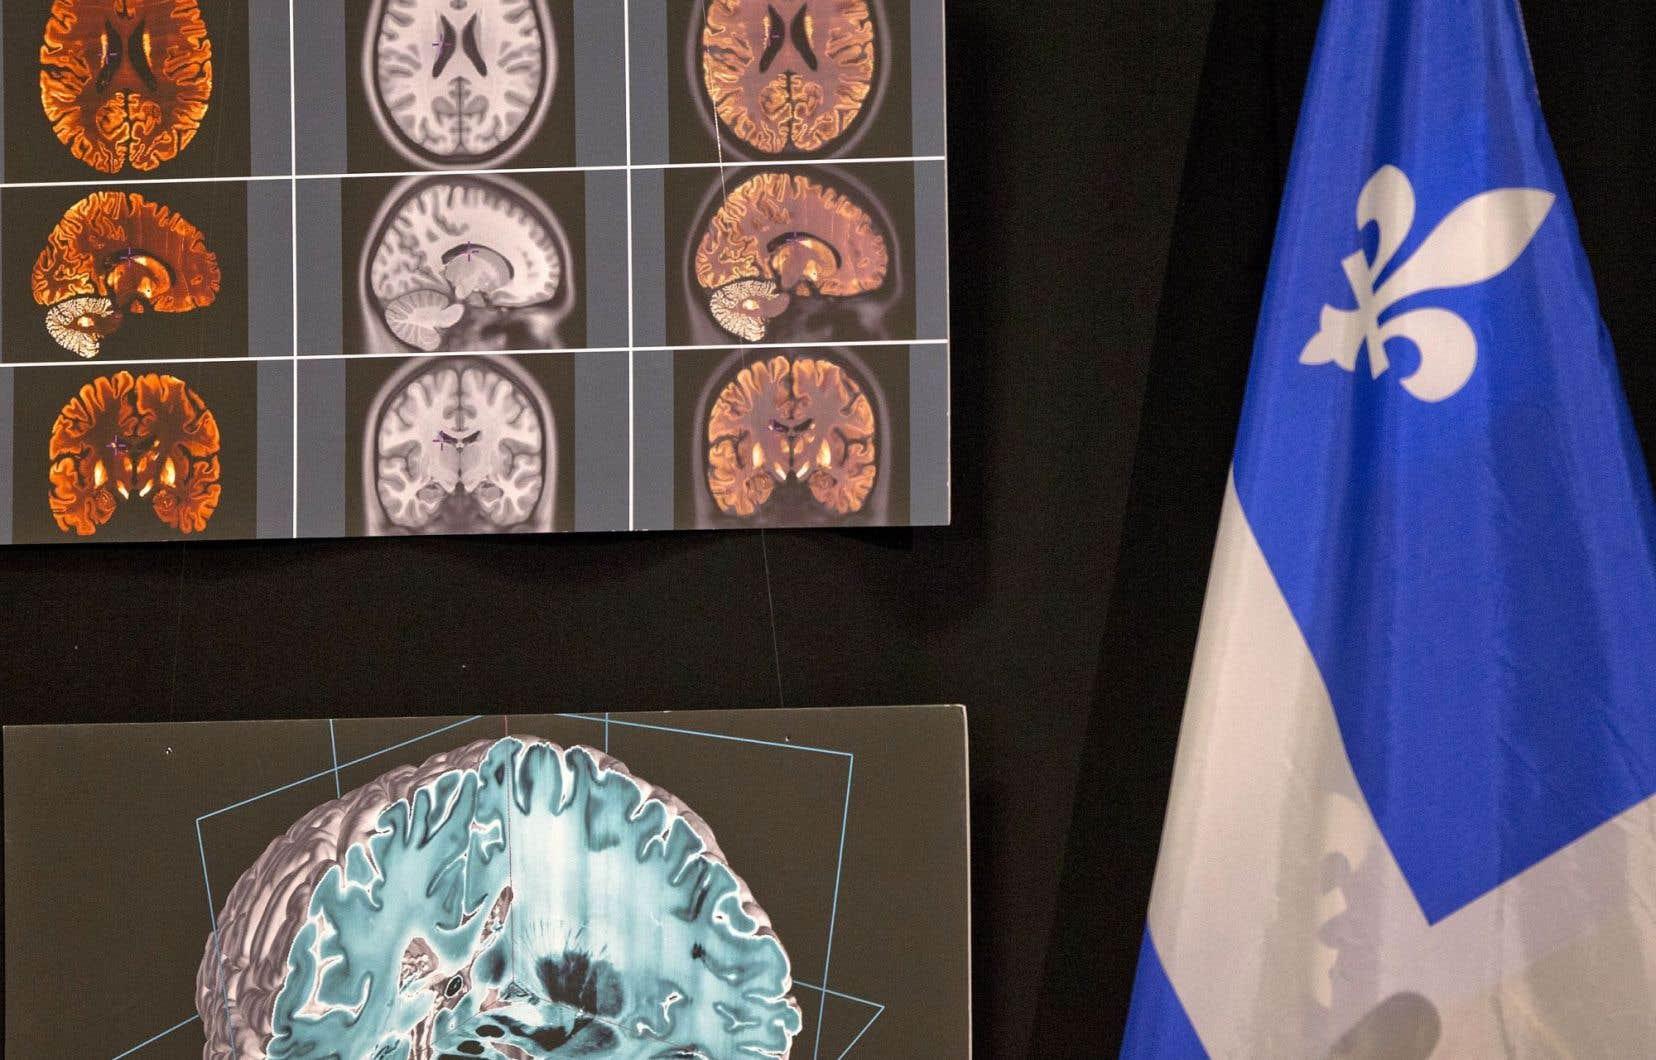 Le logiciel calcule ses prédictions à partir des données fournies par une imagerie du cerveau.